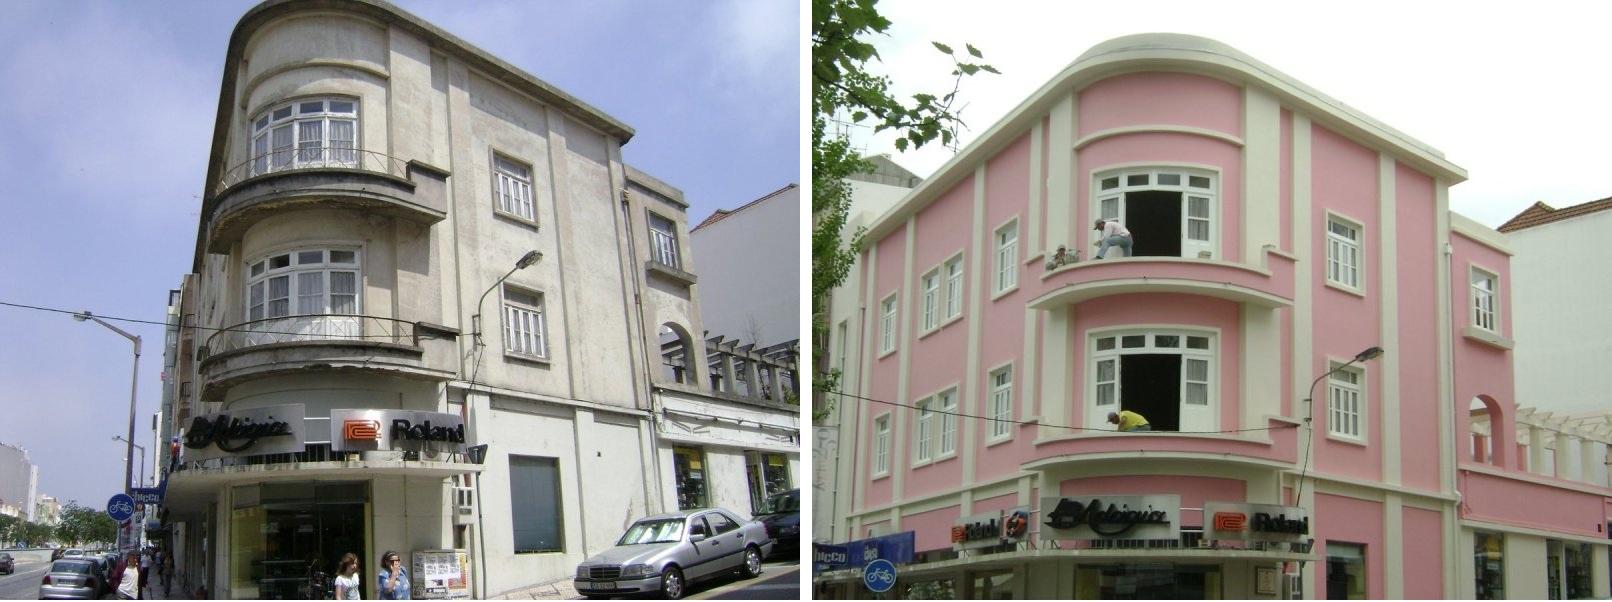 Avenida Lourenço Peixinho